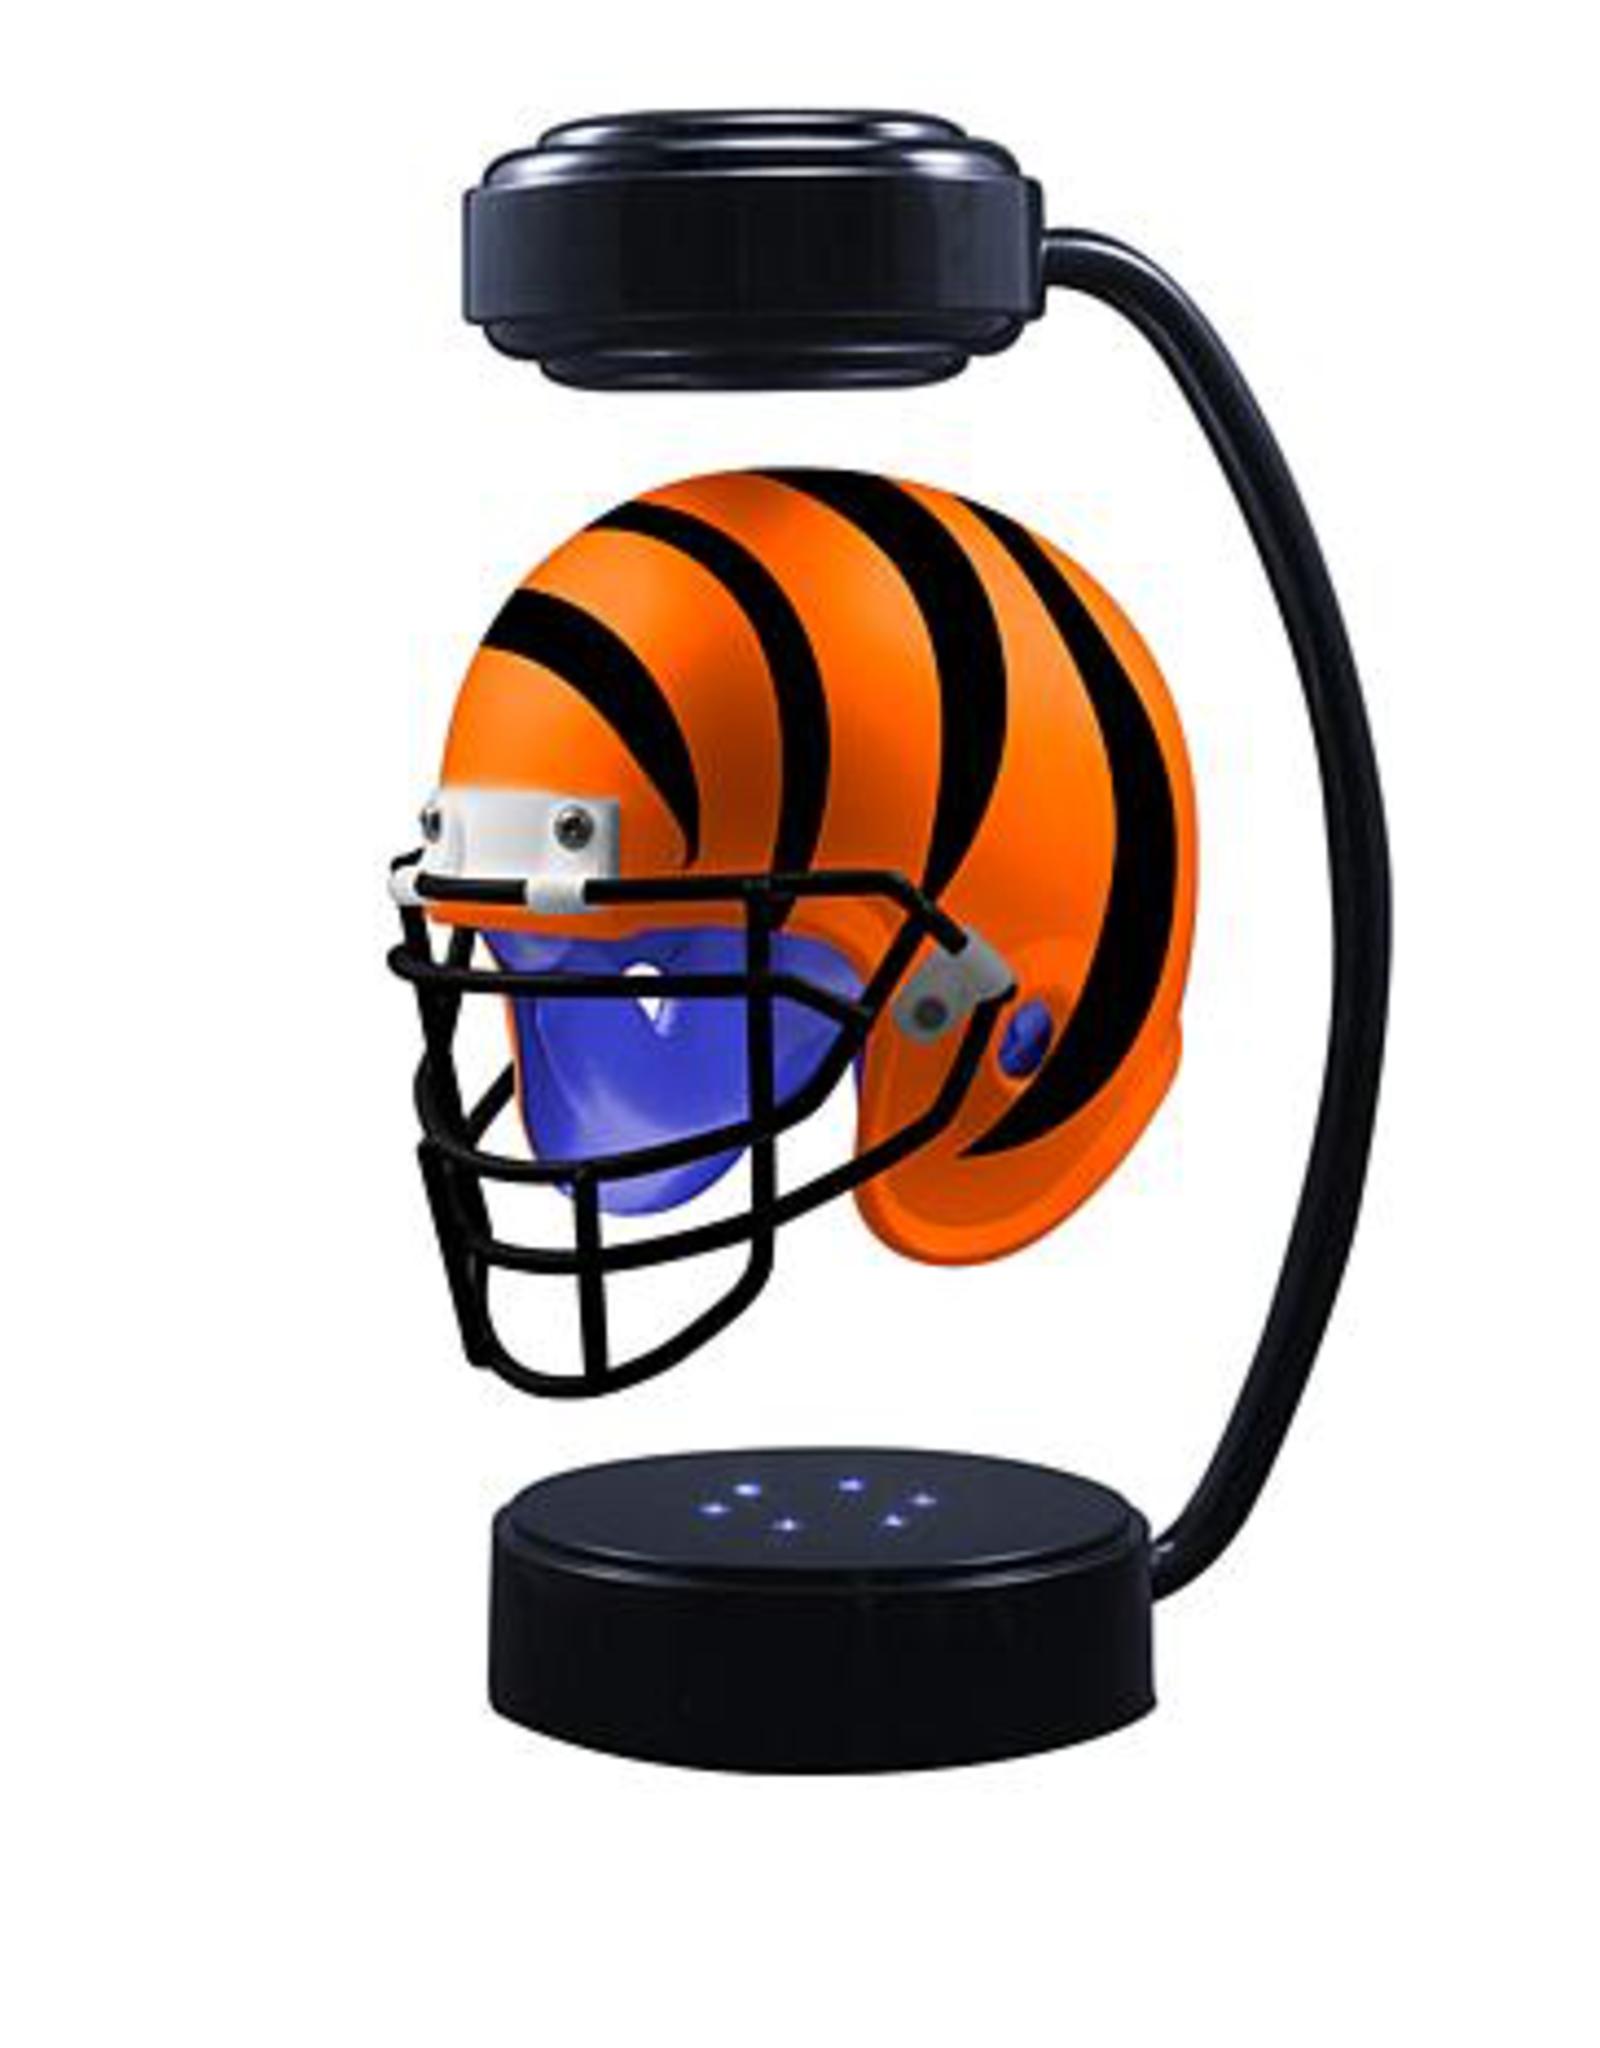 HOVER HELMETS Cincinnati Bengals Collectible Levitating Hover Helmet